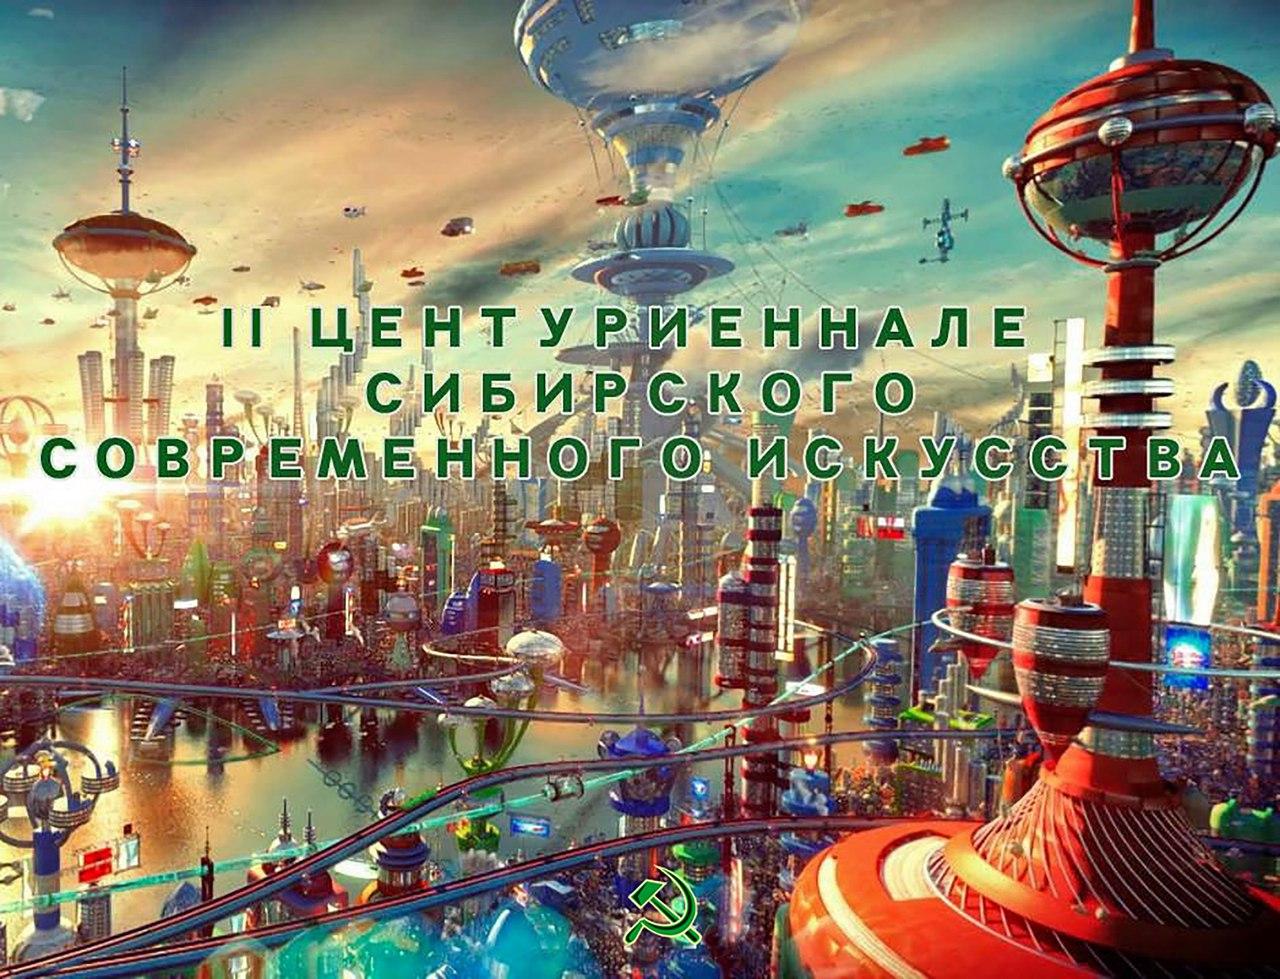 II Центуриеннале сибирского современного искусства, фото из ВК